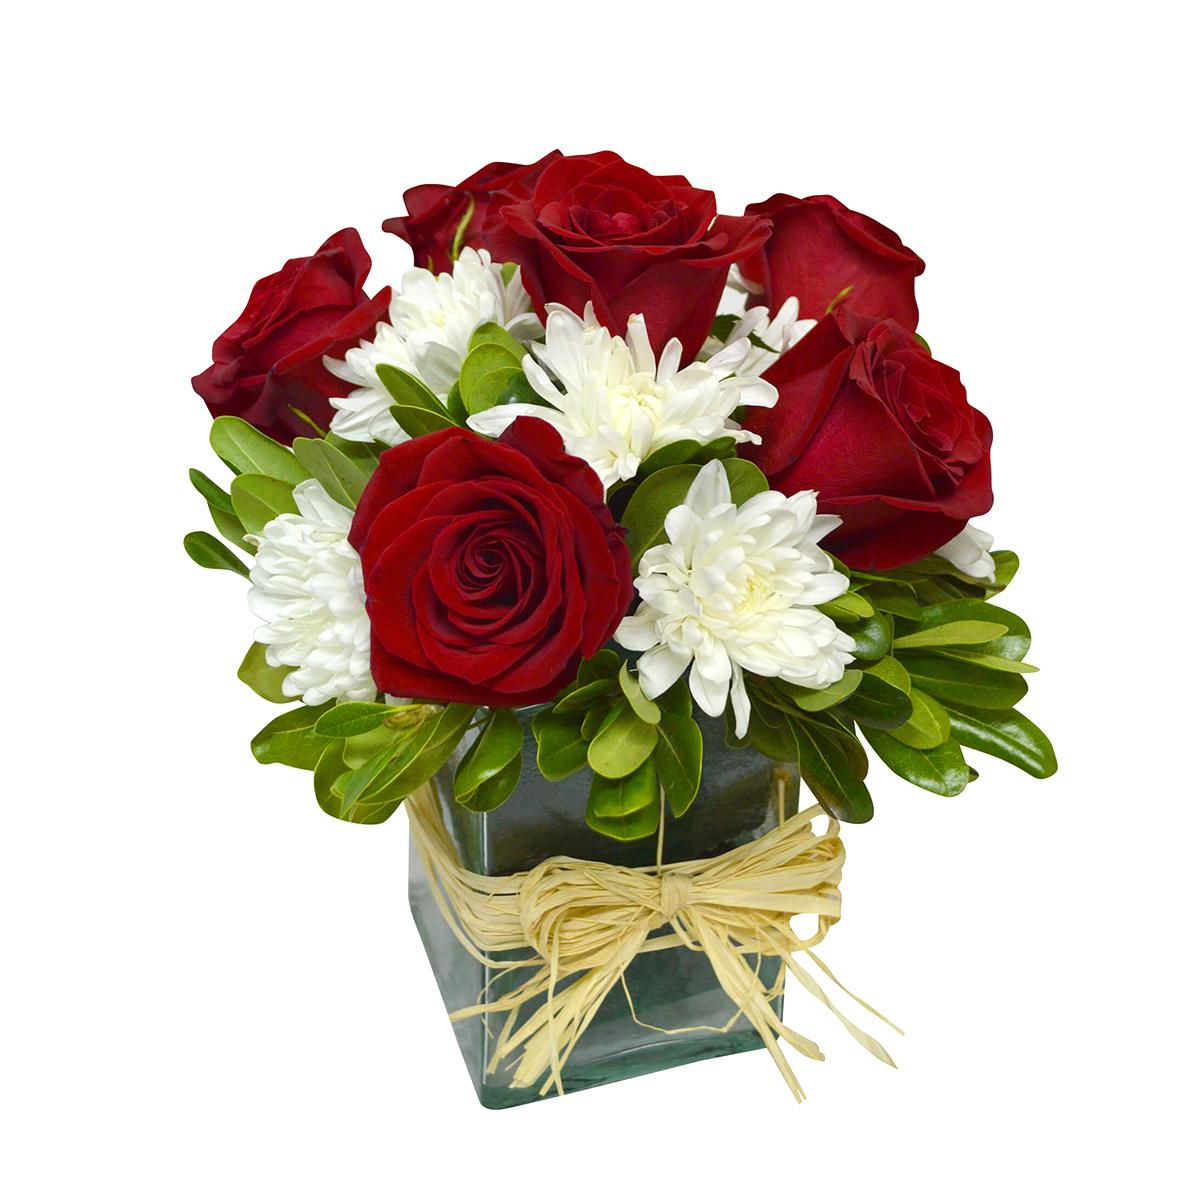 Centros de Mesa con Rosas Rojas y Mables